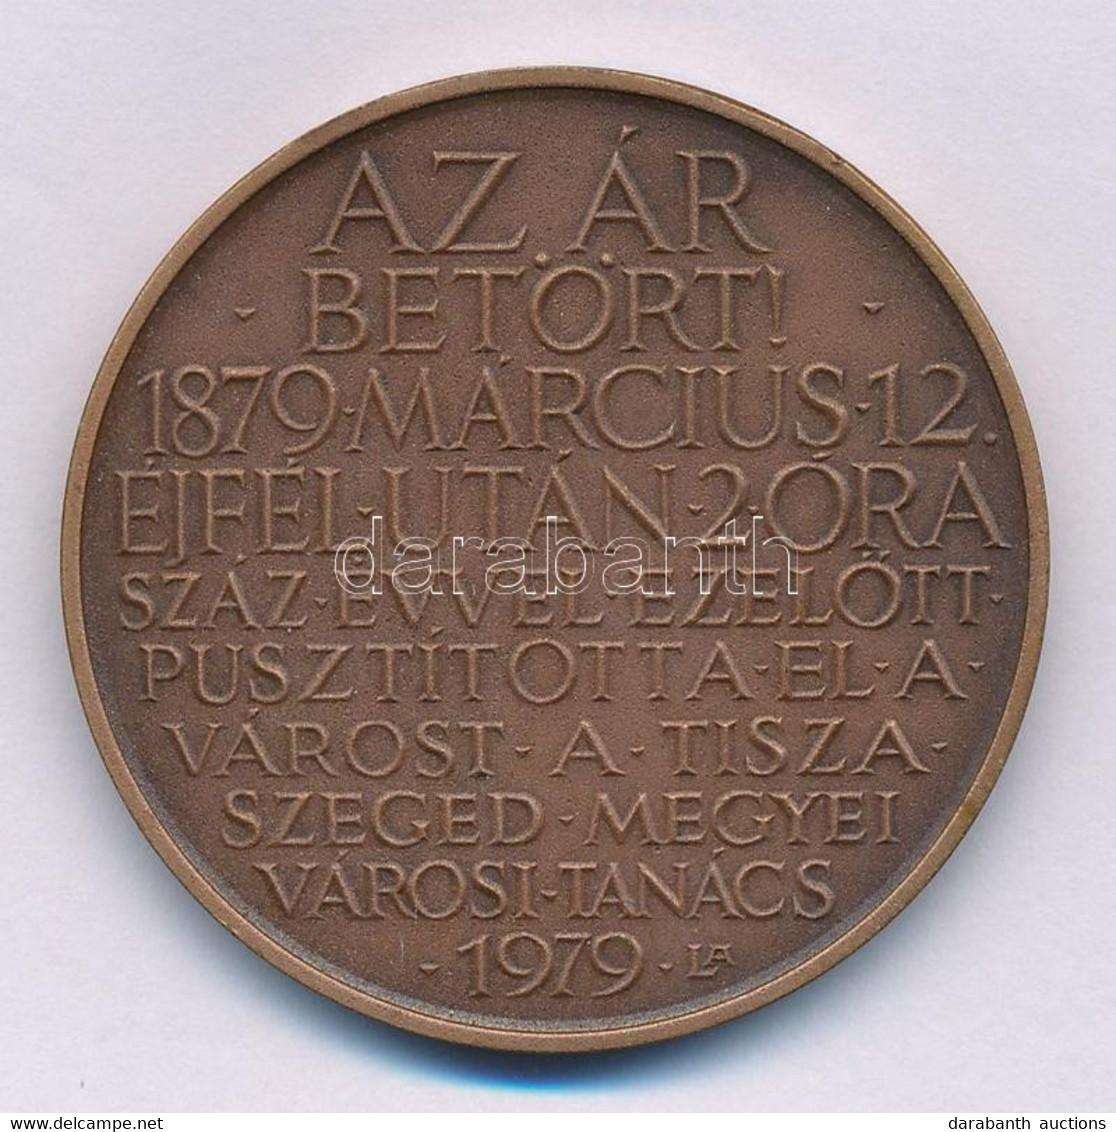 """Lapis András (1942-) 1979. """"Az ár Betört! 1879 Március 12 éjfél Után 2 óra - Száz évvel Ezelőtt Pusztította El A Várost  - Non Classificati"""